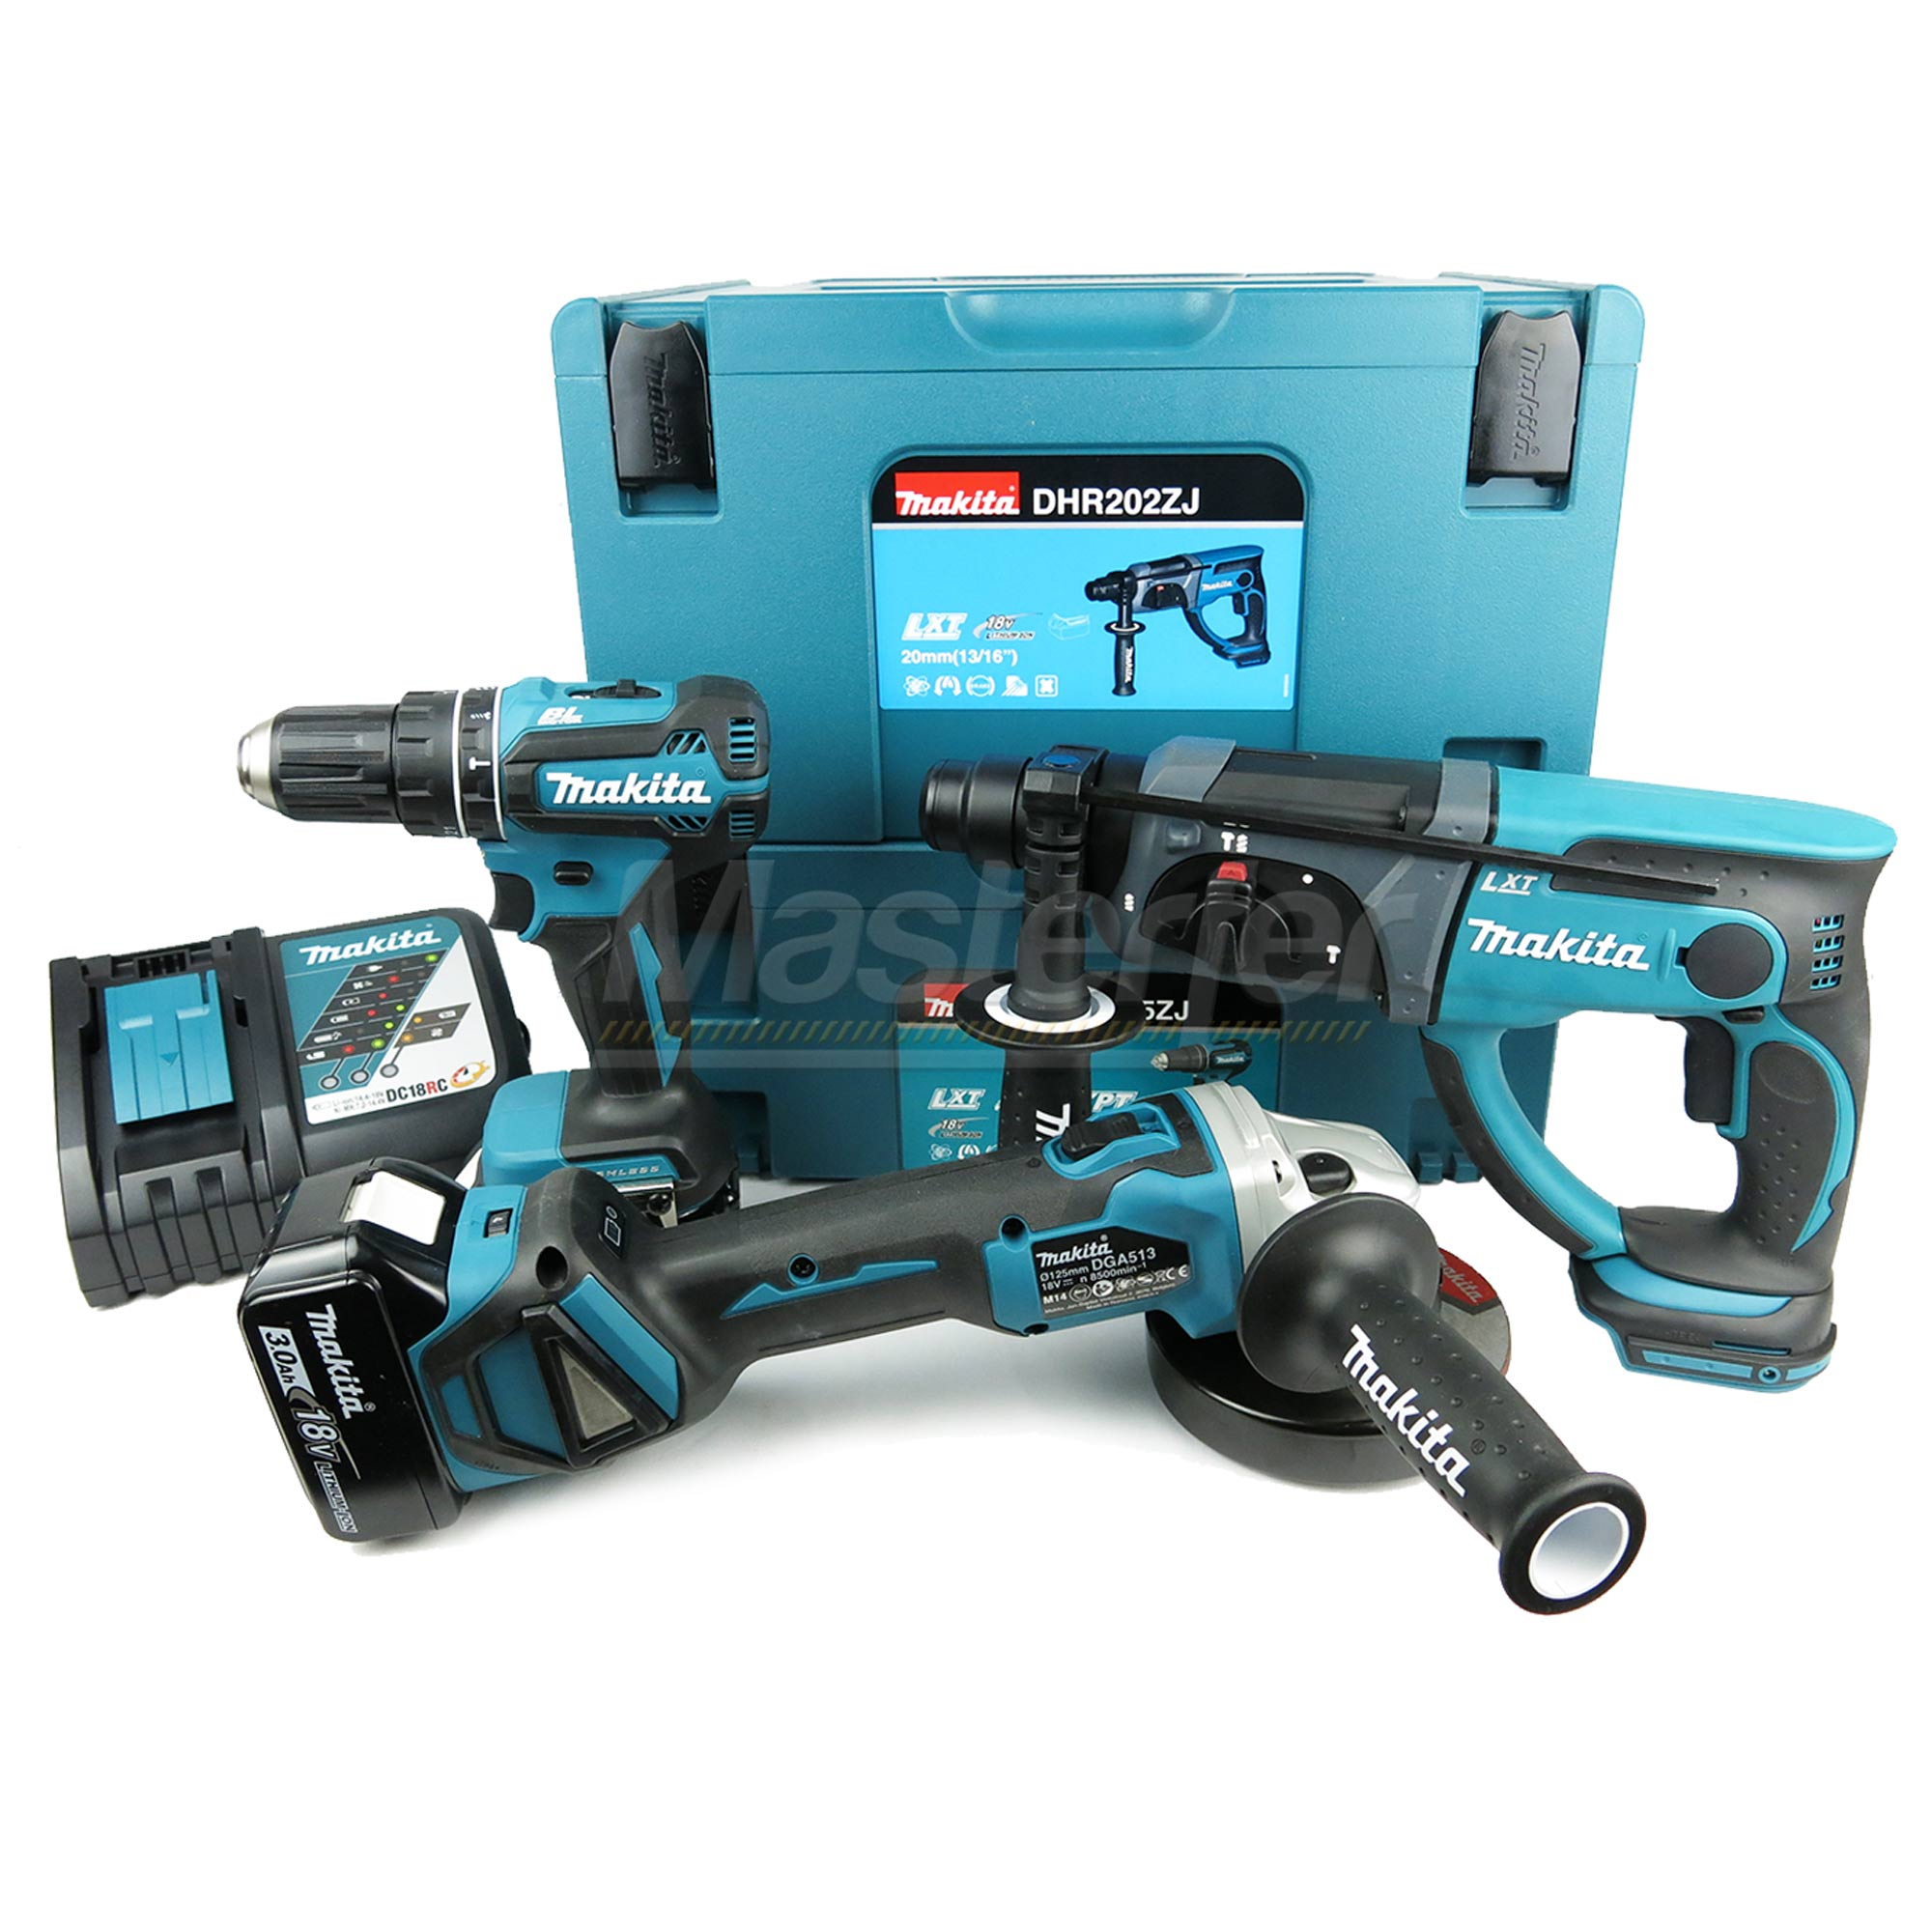 kit utensili a batteria makita 18v trapano tassellatore smerigliatrice